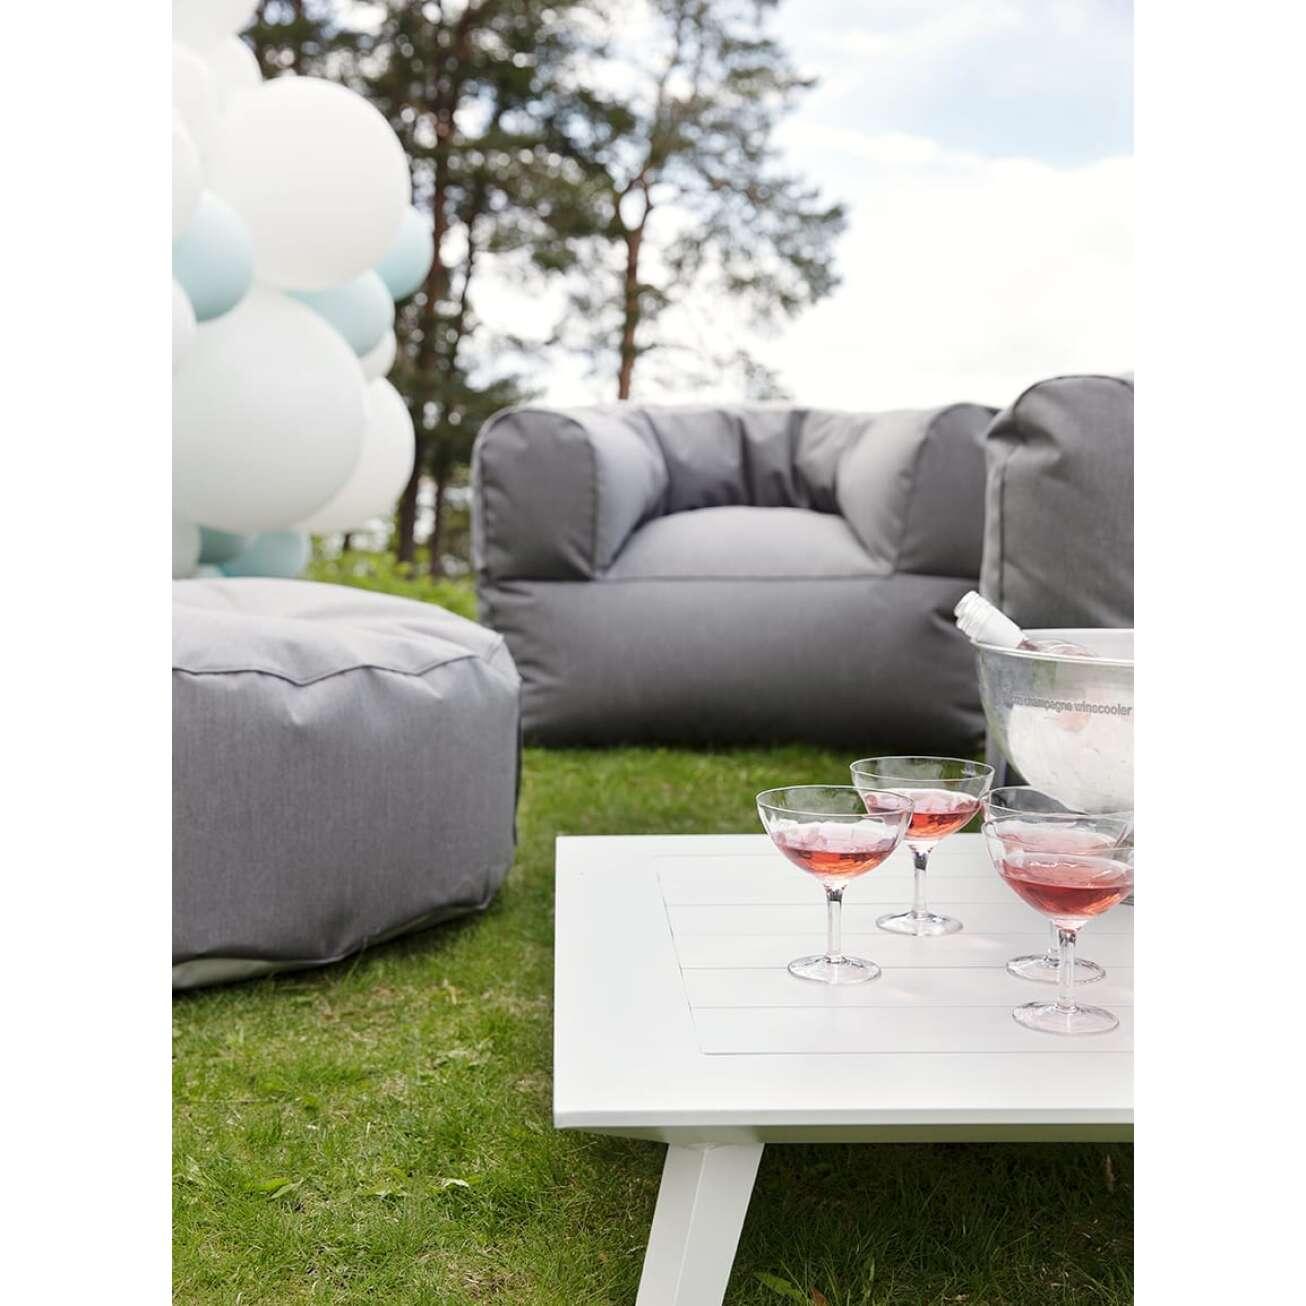 Arm-strong-fine-design-hagemøbler Hagemøbler og utemøbler - Fine design